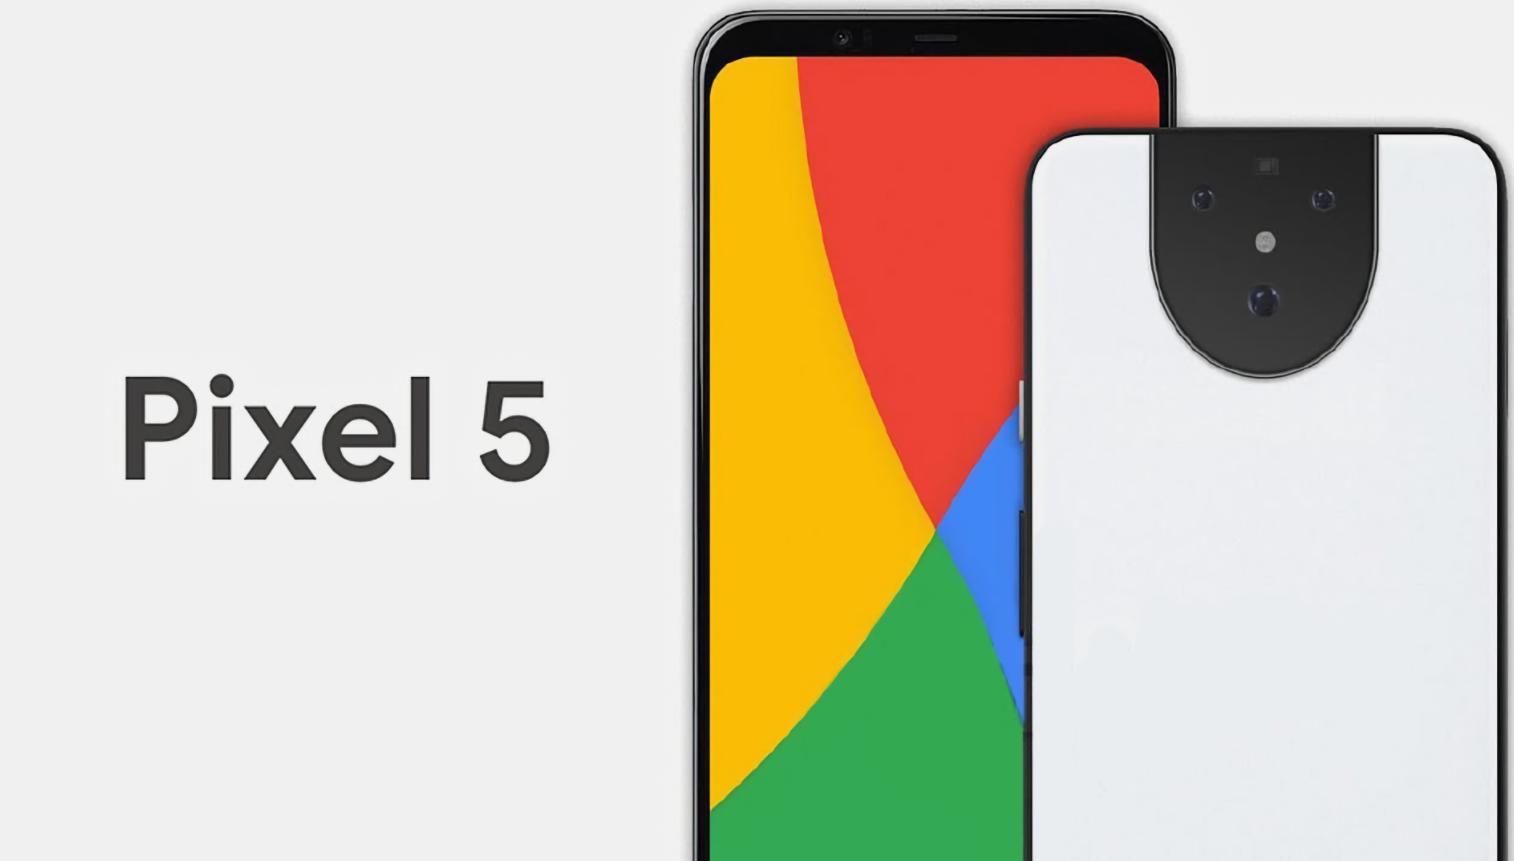 Google Kamera ile Pixel 5 Kamerasına Sahip Olabilirsiniz! 2021